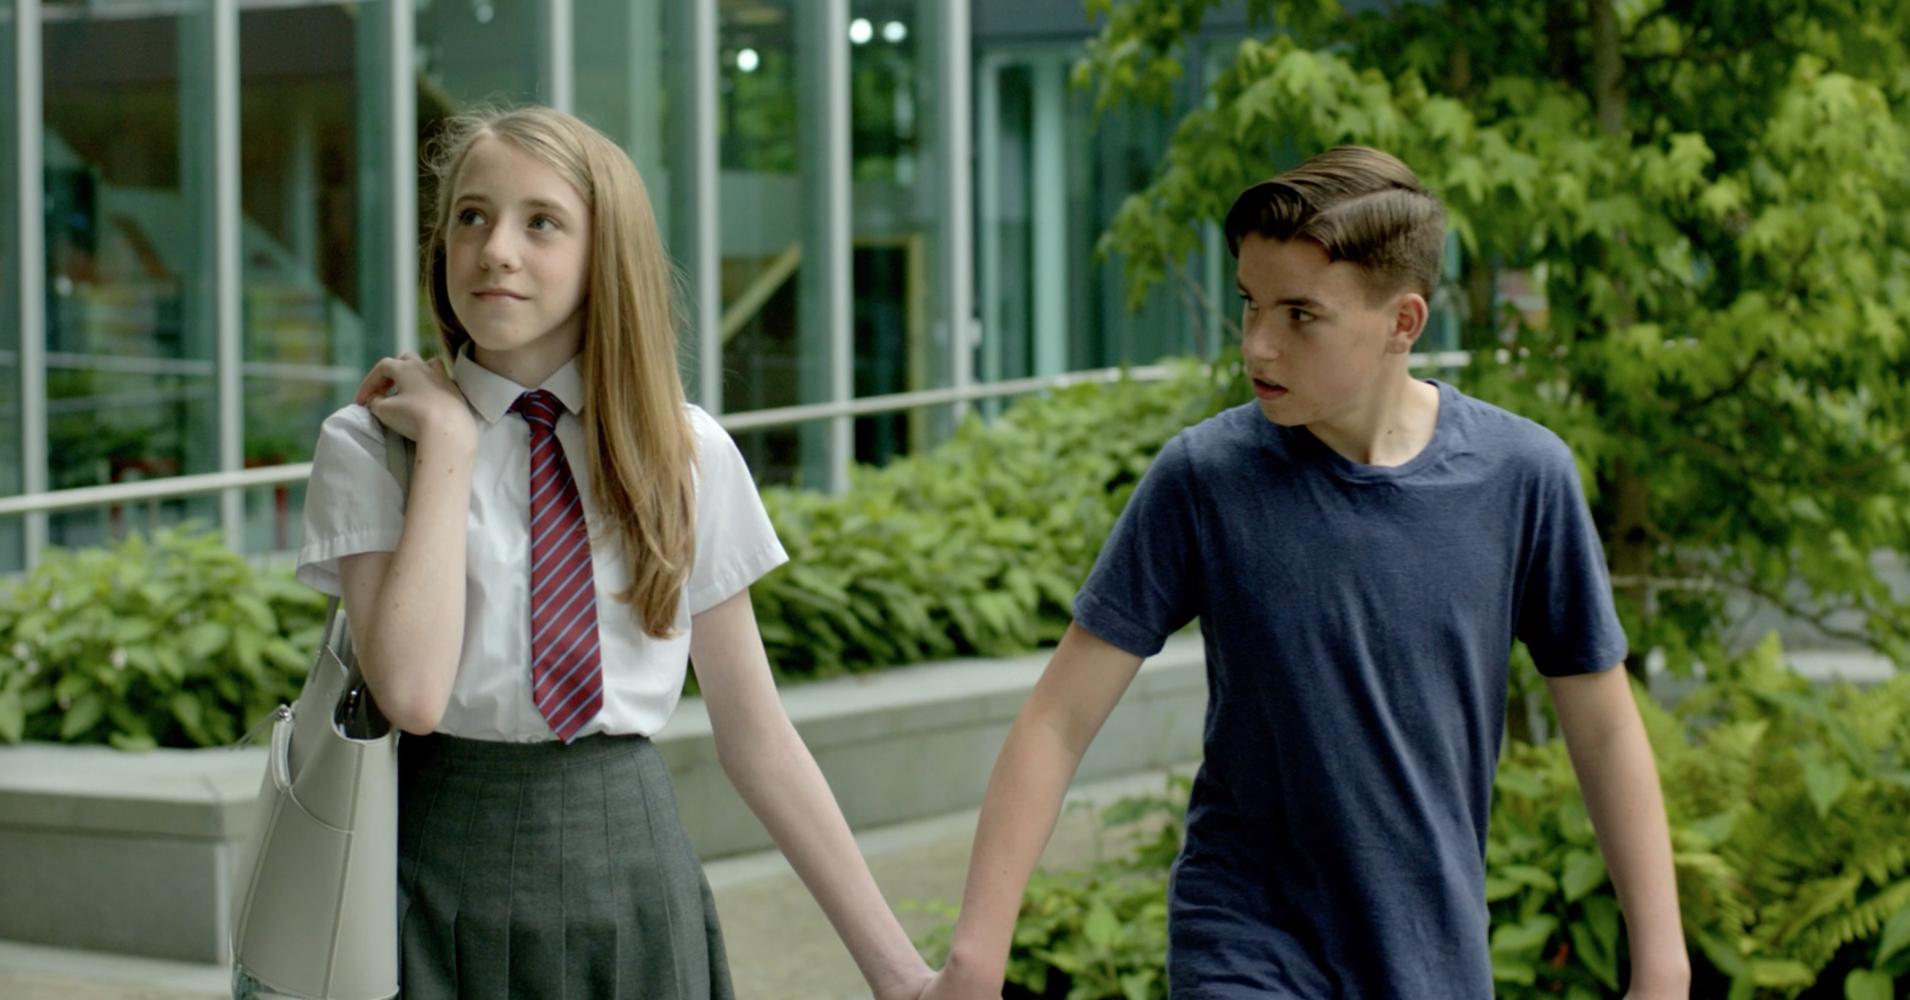 İzleyin: Bu Güçlü Kısa Film Genç Transların Sorunlarını Anlatıyor